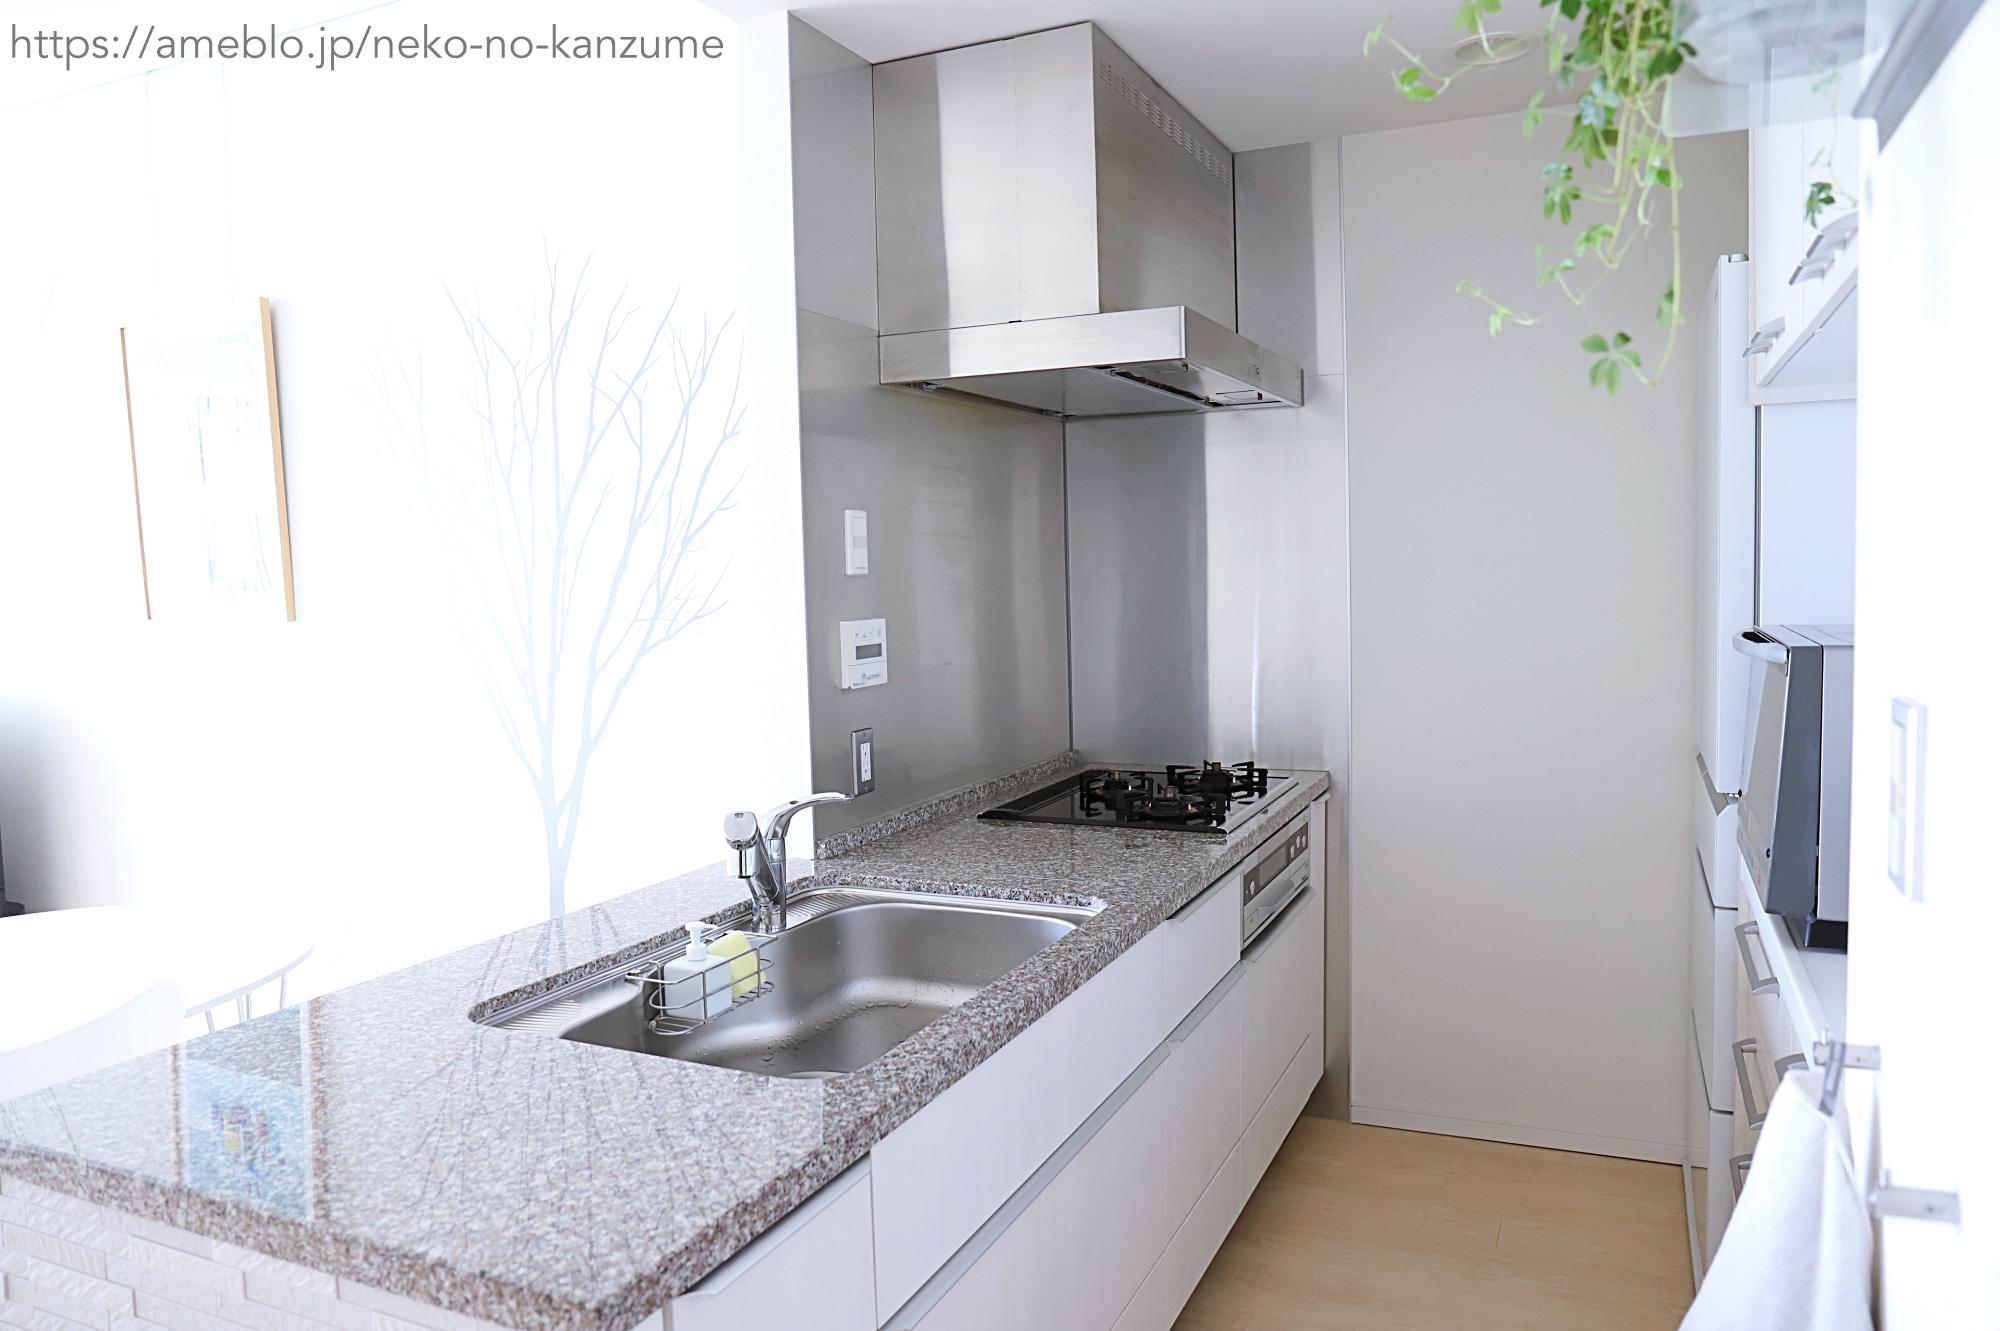 生活感のないキッチン